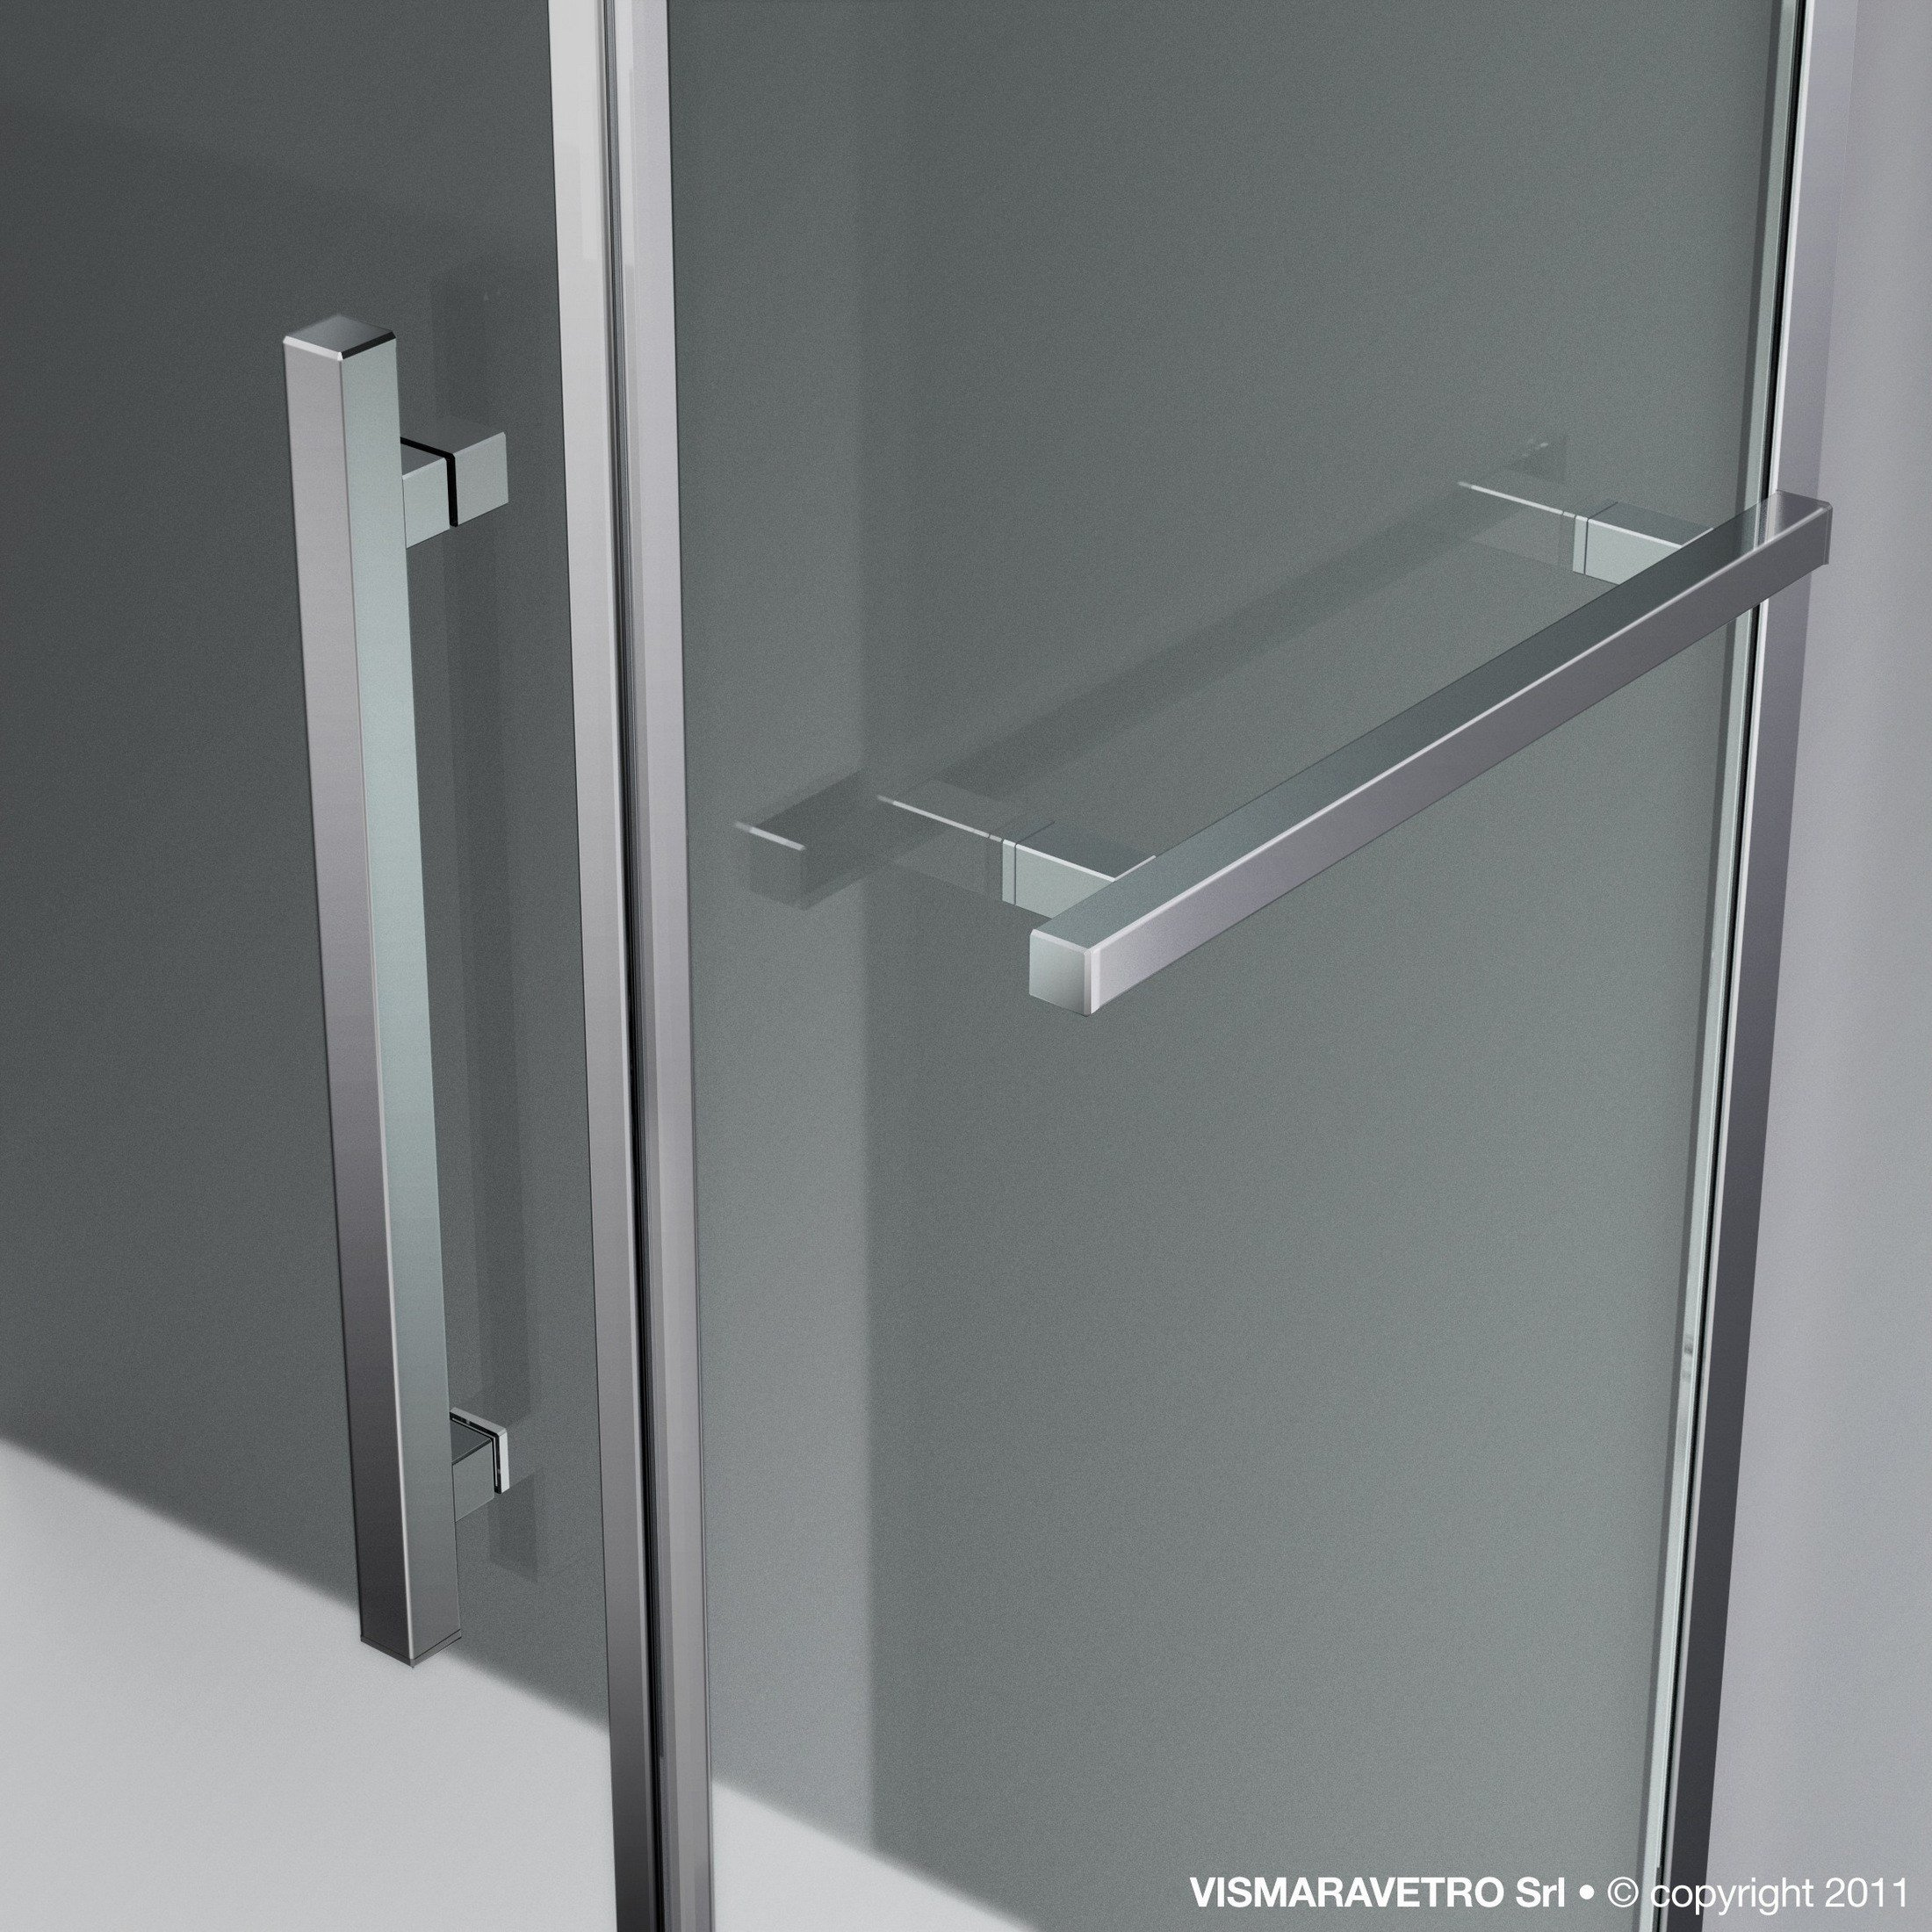 Mampara de ducha a medida de vidrio templado tiquadro qm - Mampara vidrio templado ...